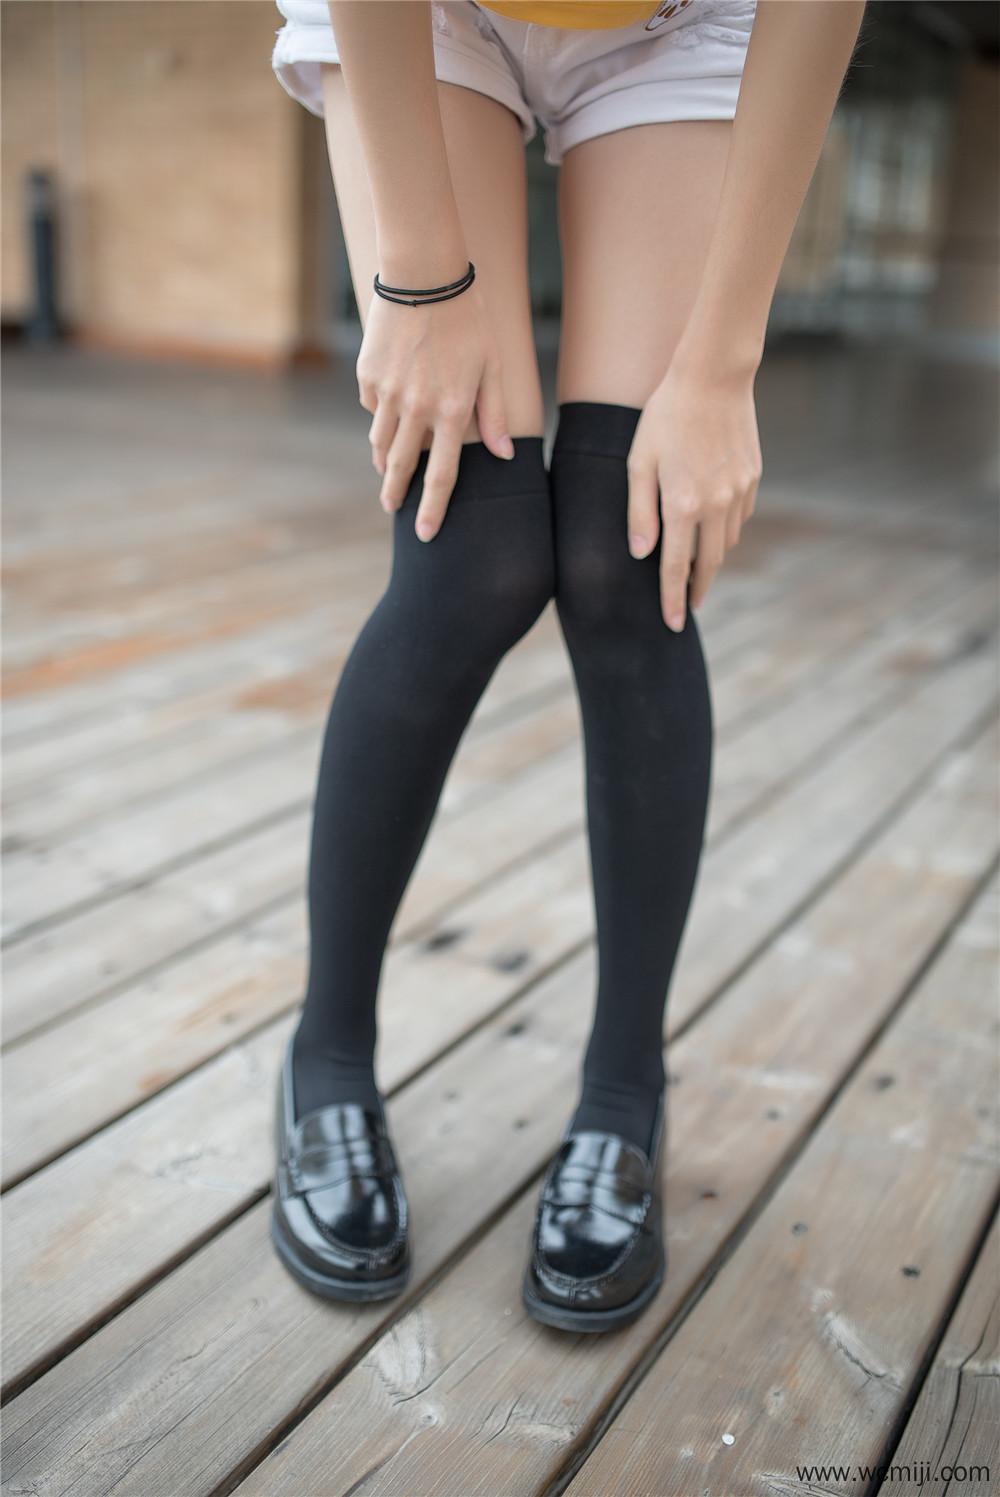 【私拍】【少女】可爱学生黑皮鞋配黑丝路边私拍照片【50P】 X丝玉足